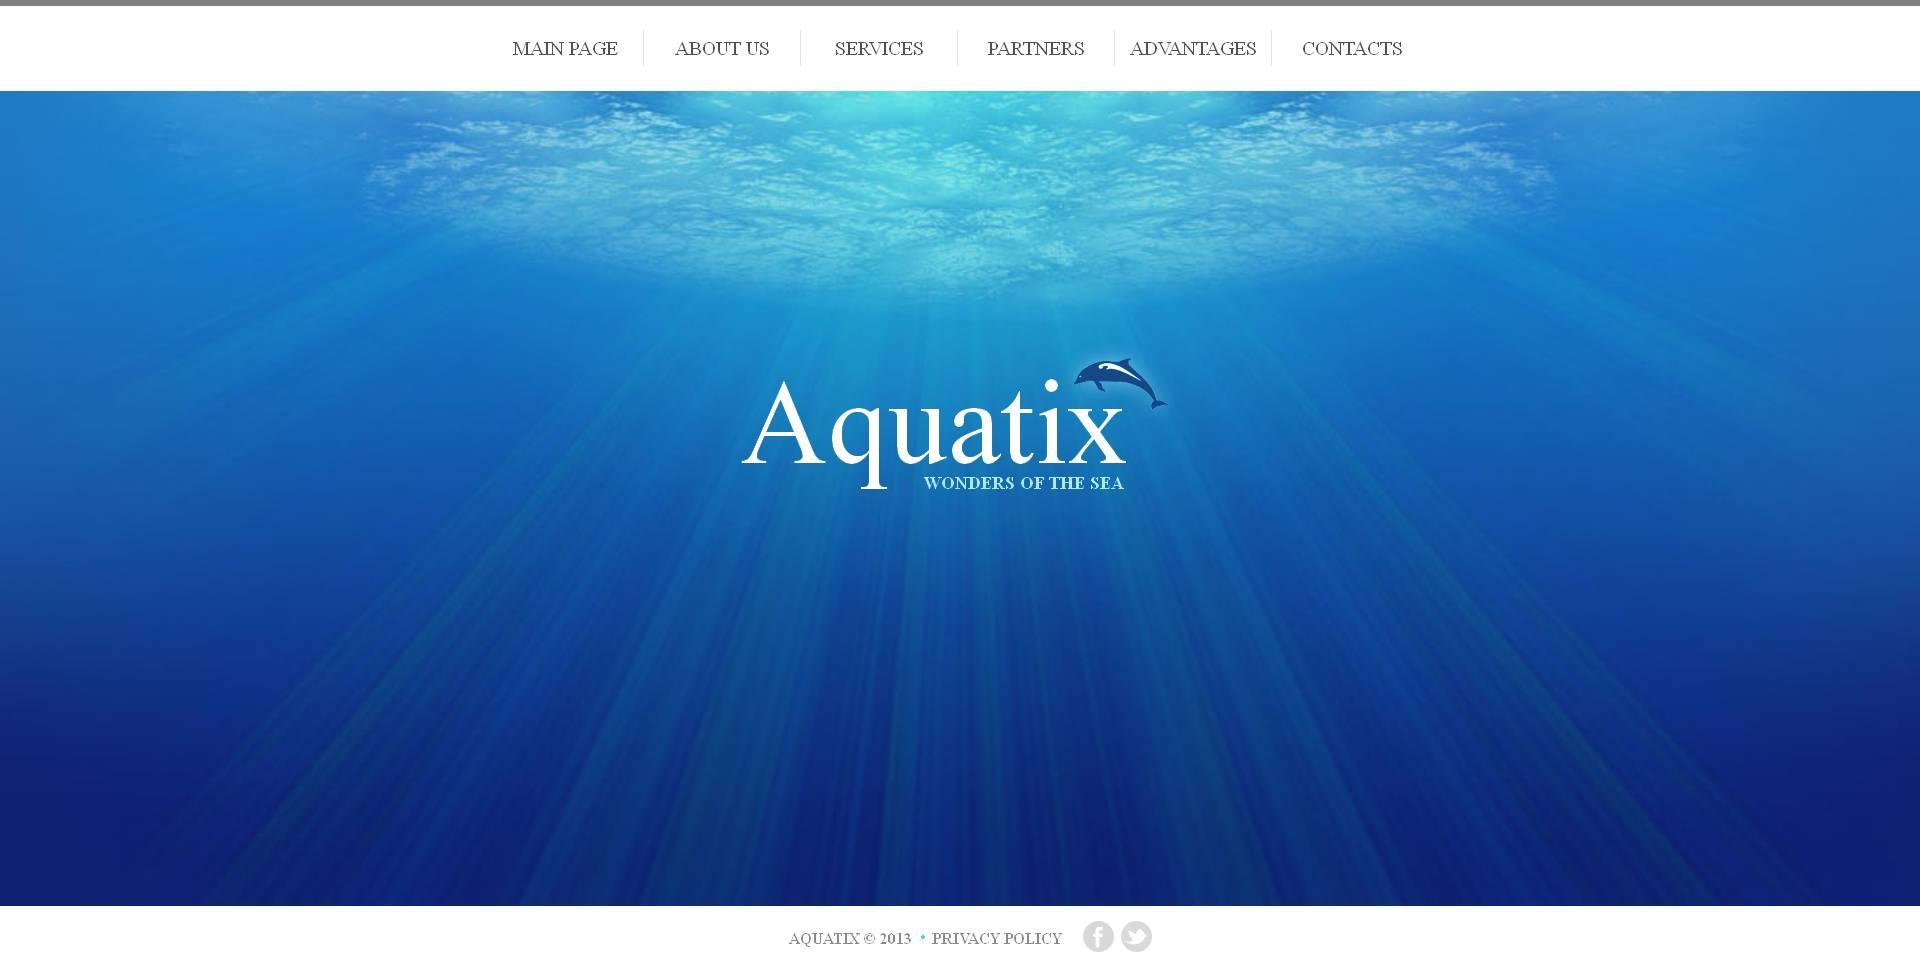 Modèle Moto CMS HTML Premium pour sites de dauphins #46938 - screenshot